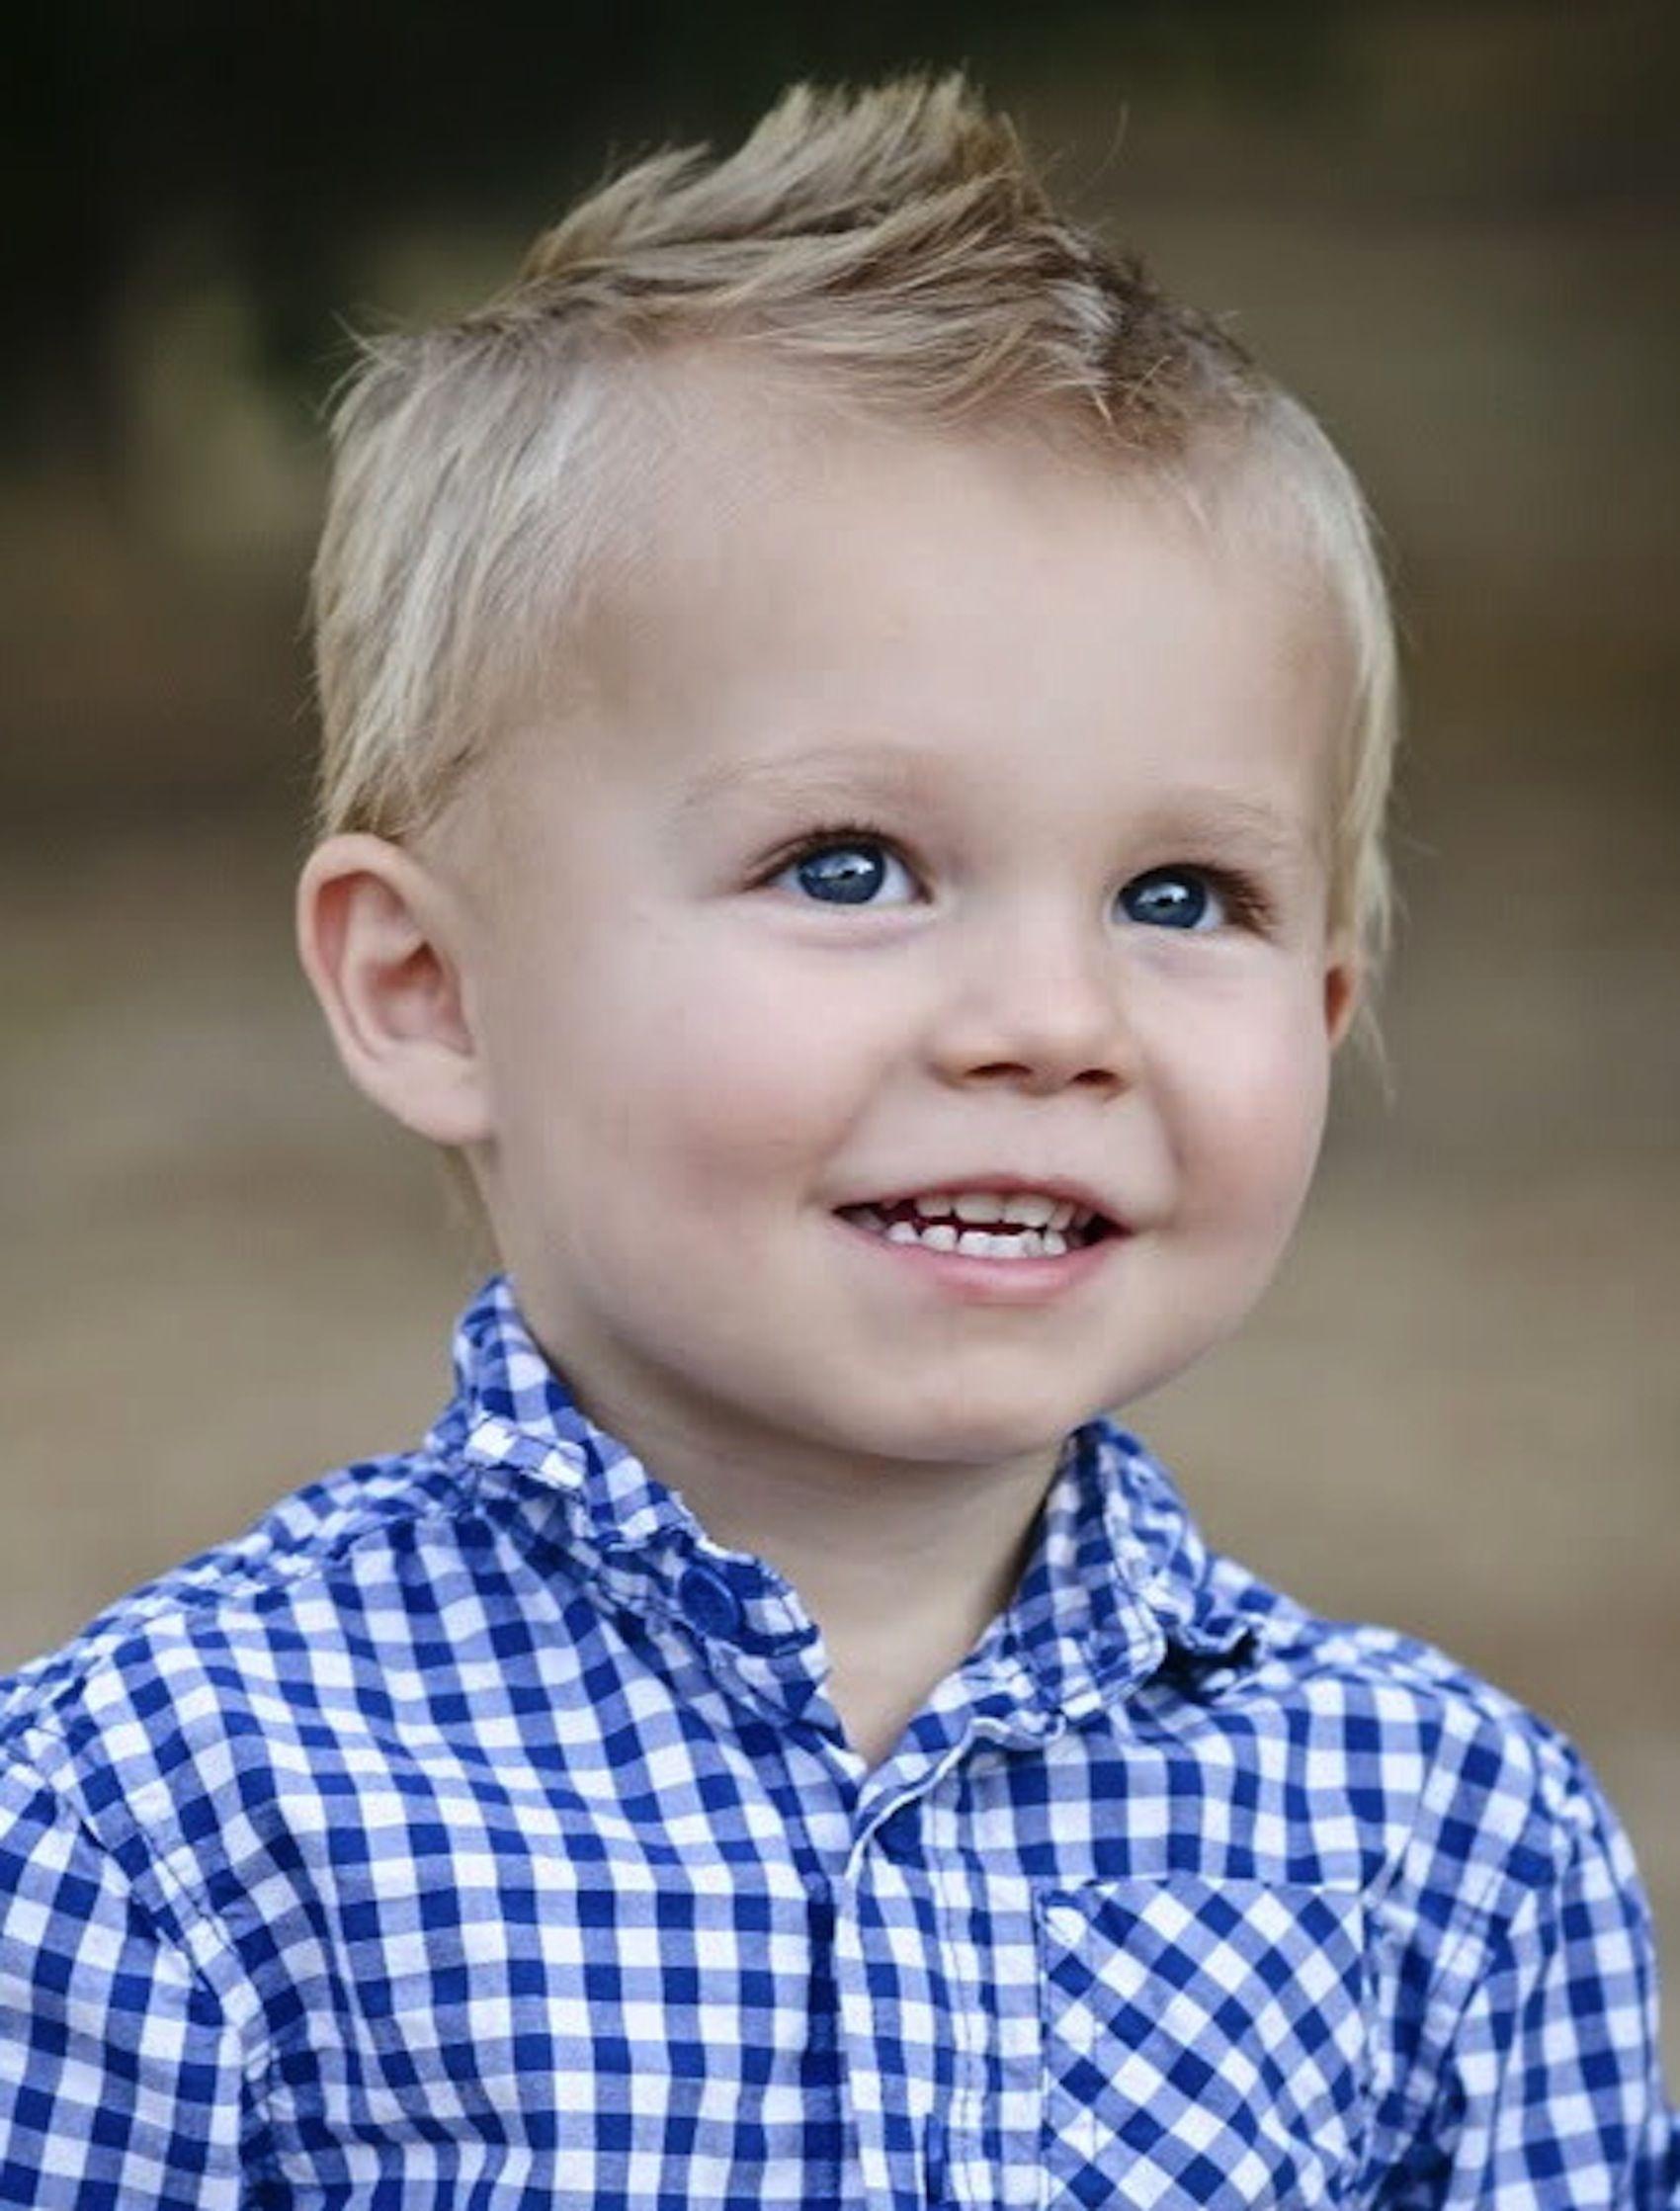 Toddler Boy Haircuts, Baby Boy Haircuts